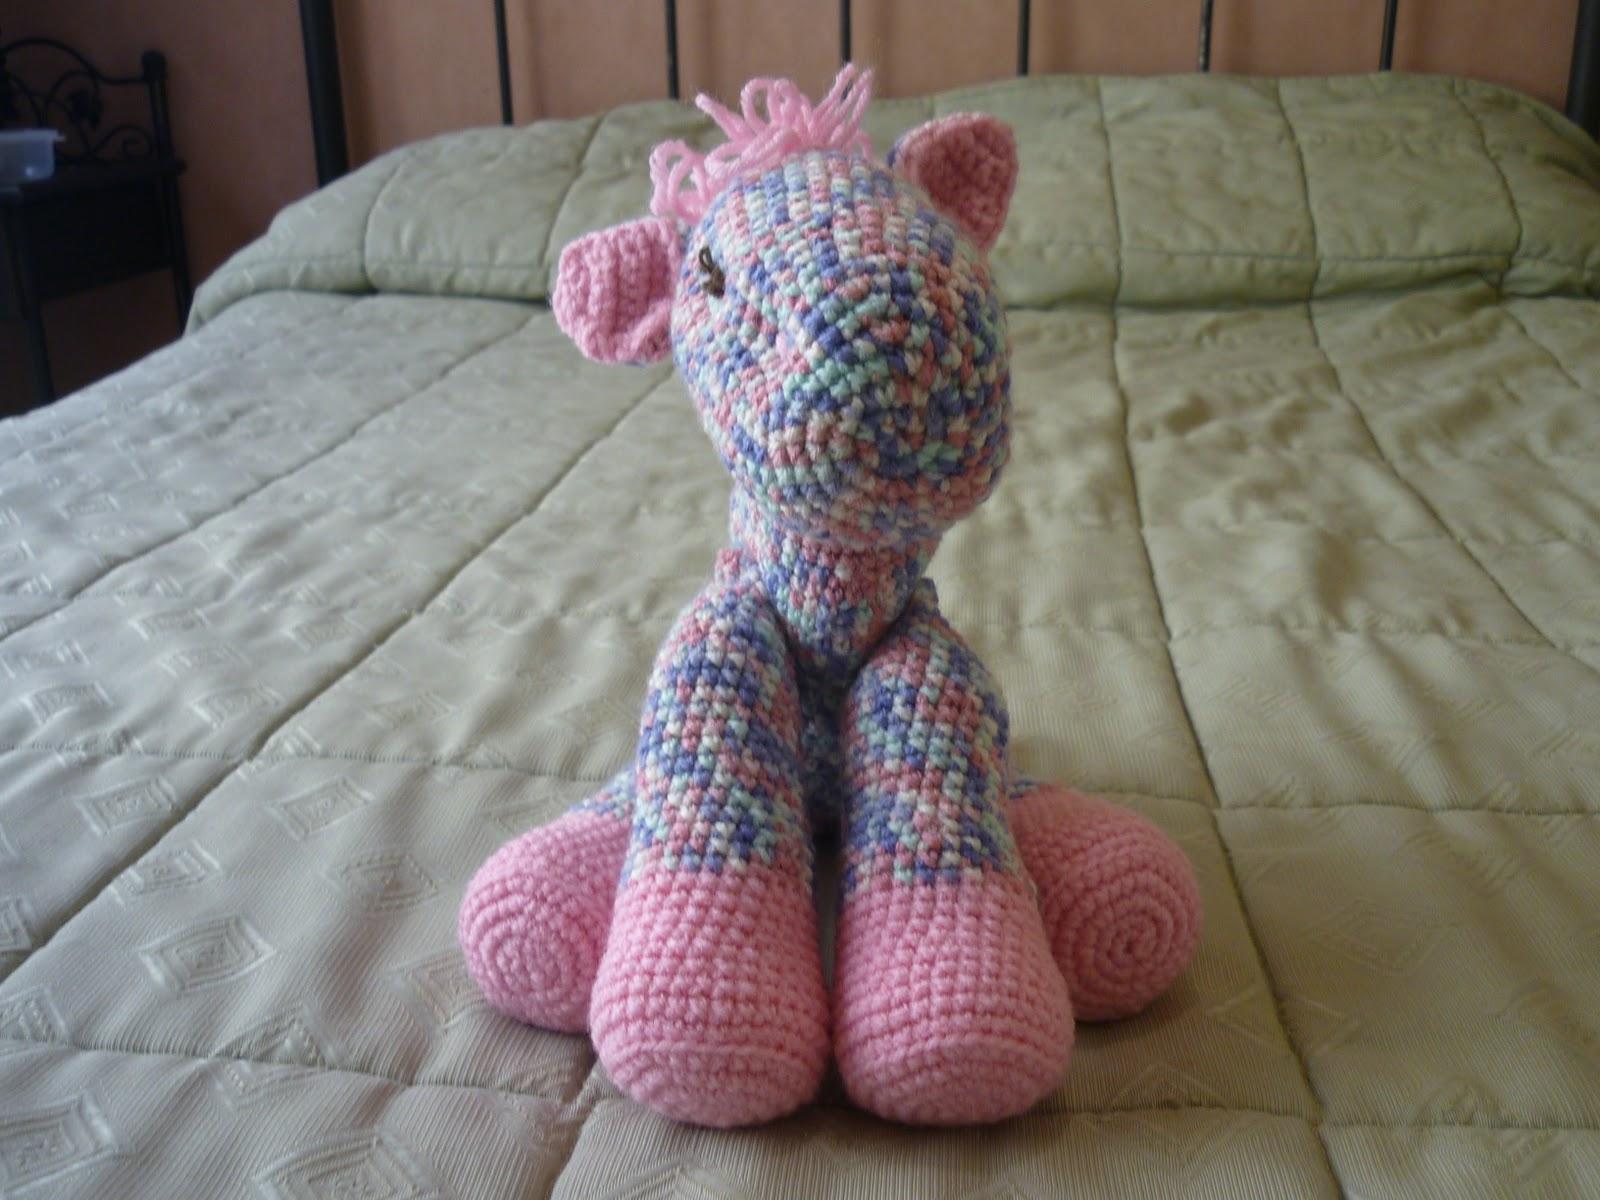 Ponytail Amigurumi : Tejiendo Suenos: Pony amigurumi crochet multicolor